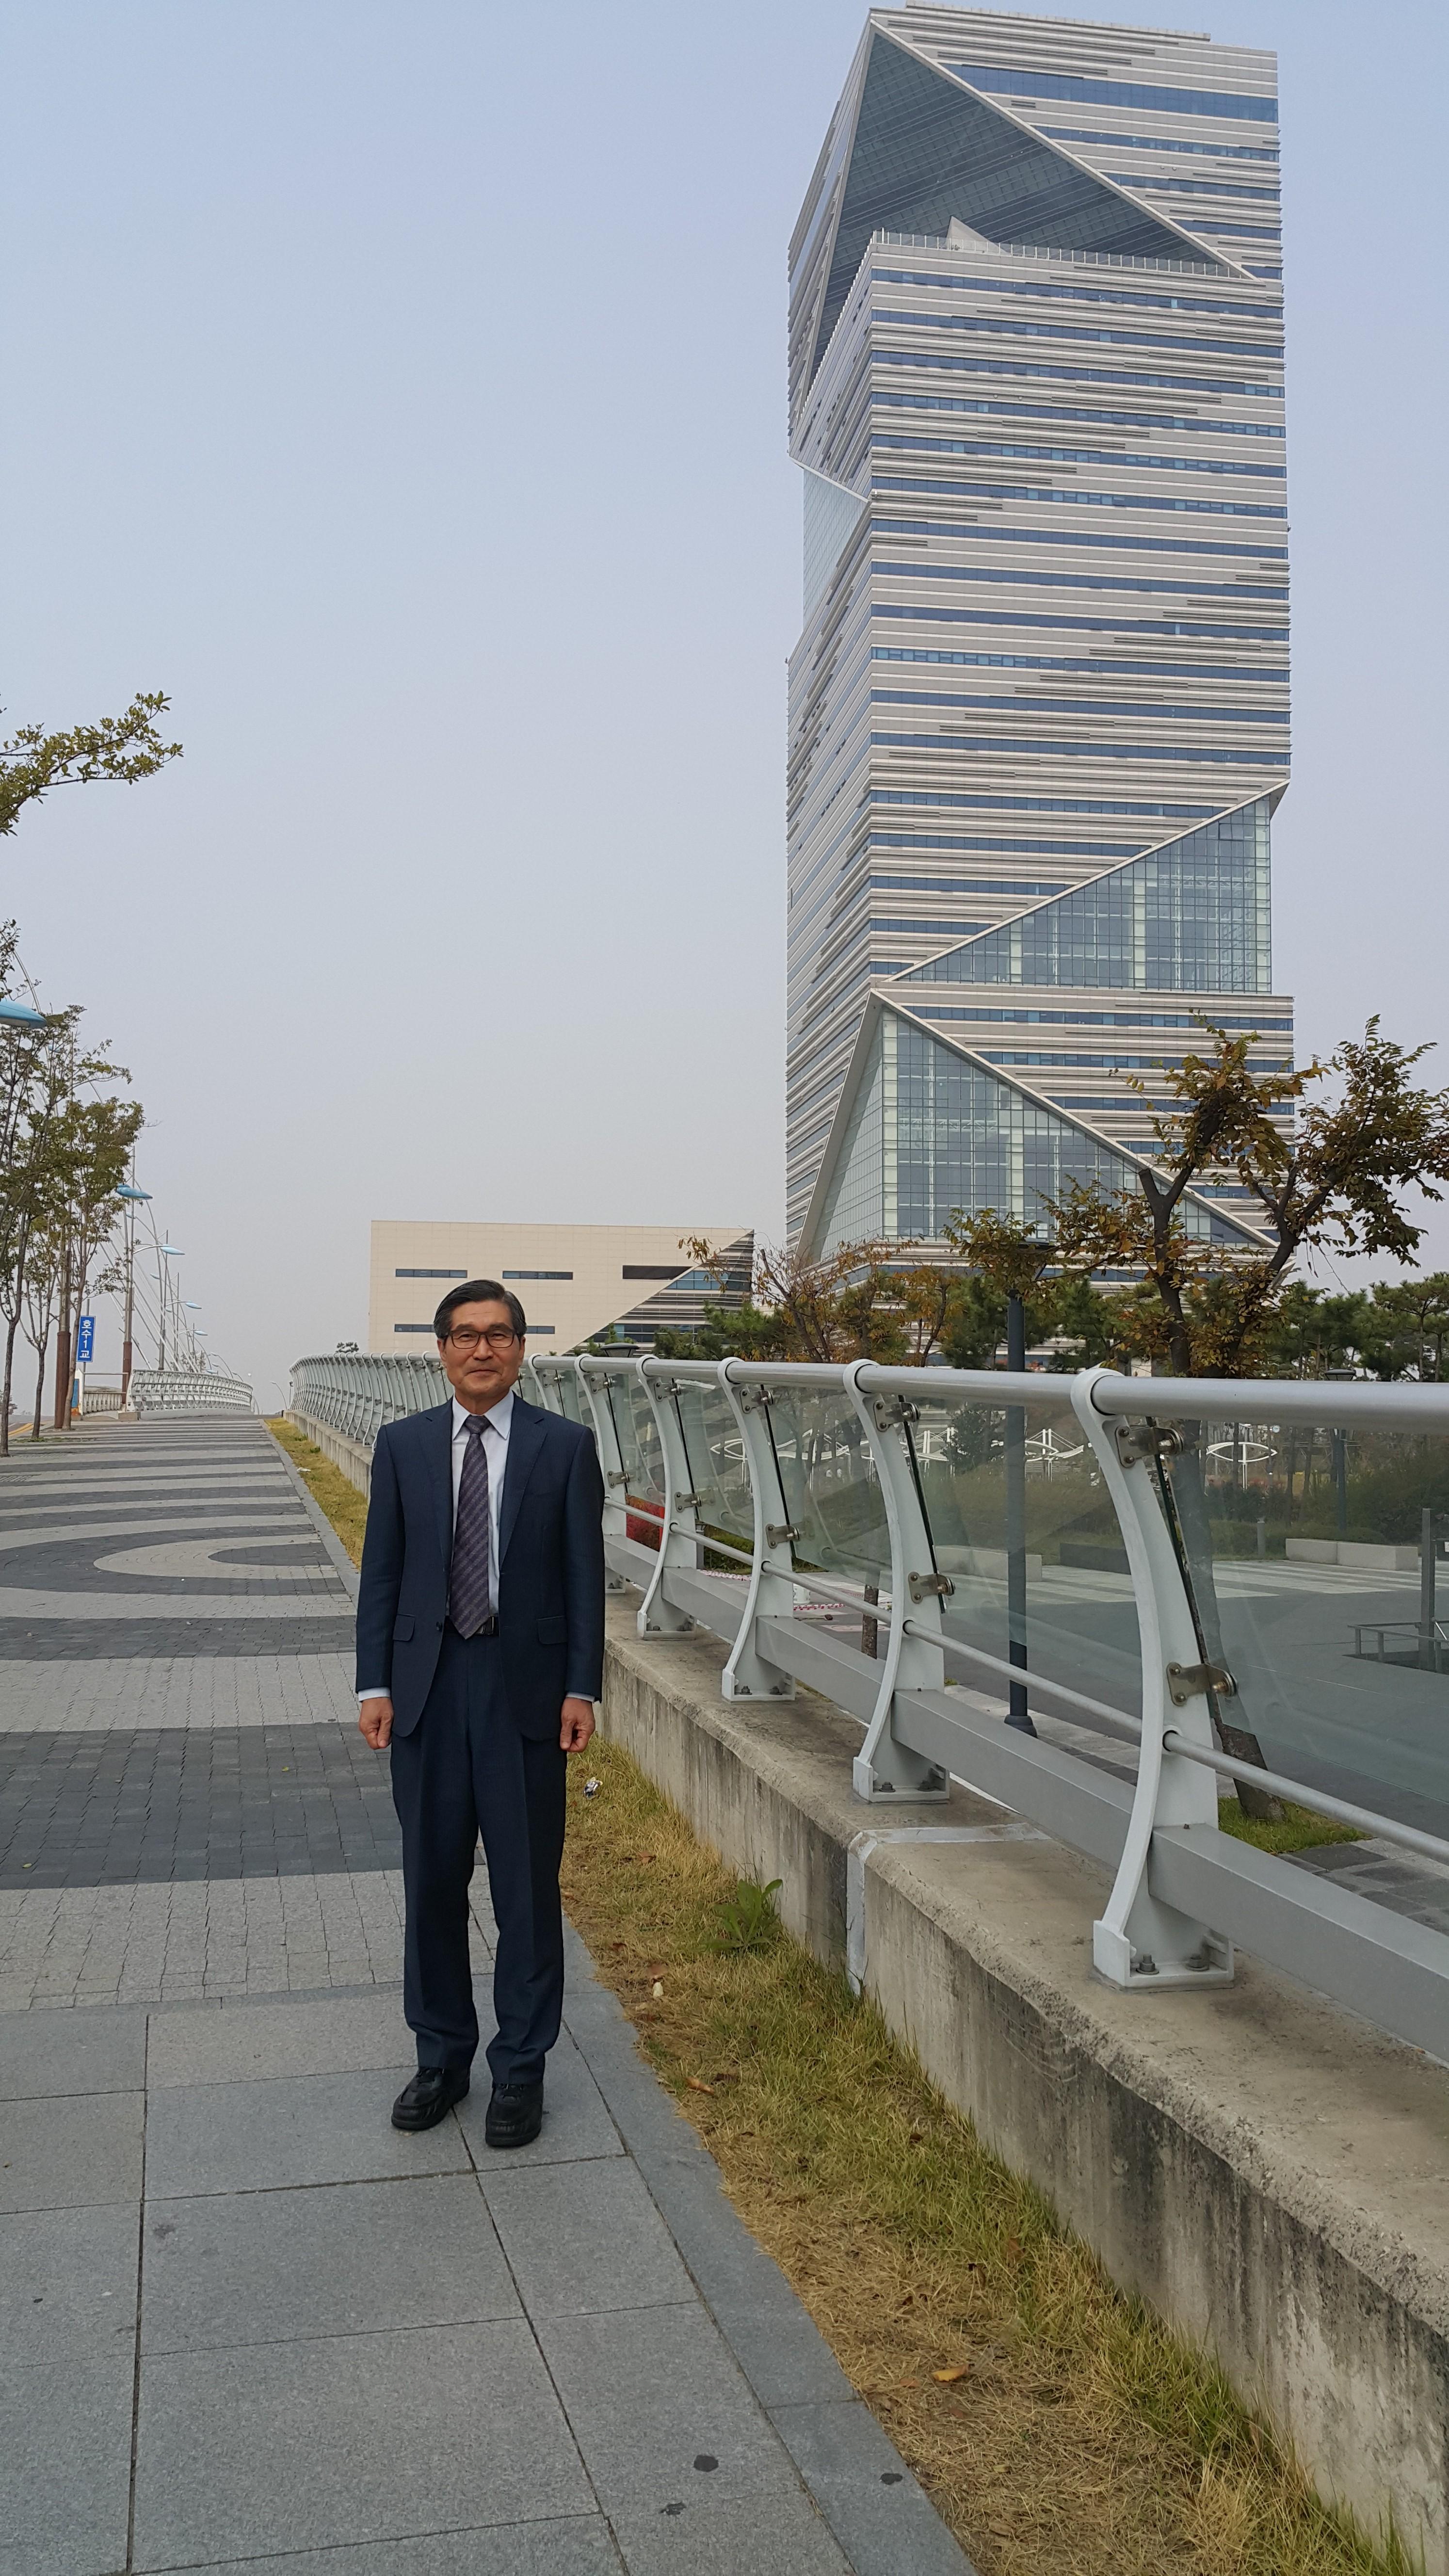 인천 송도 UN빌딩 앞에서.jpg